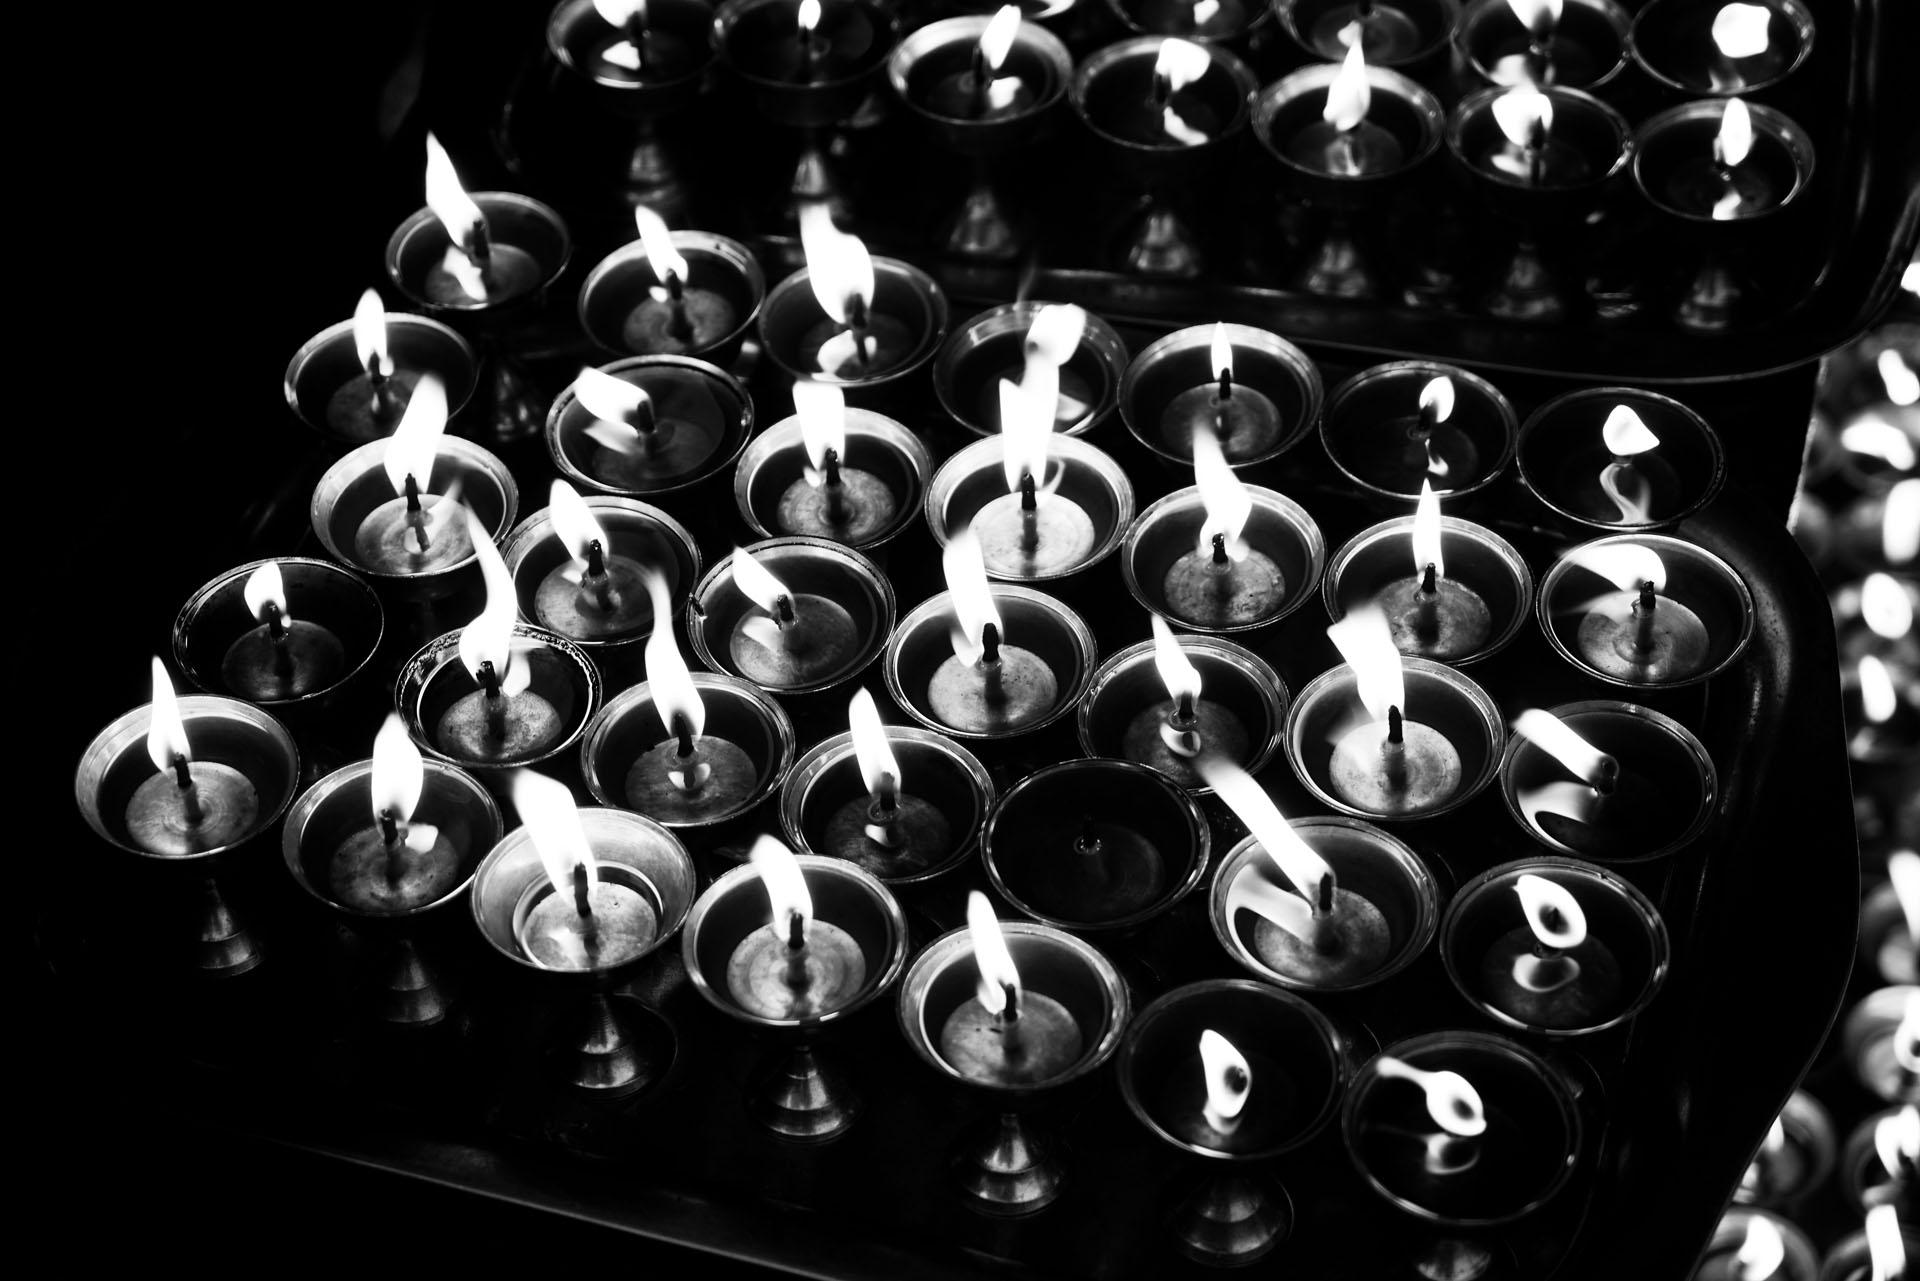 Nepal – Bild von Kerzen